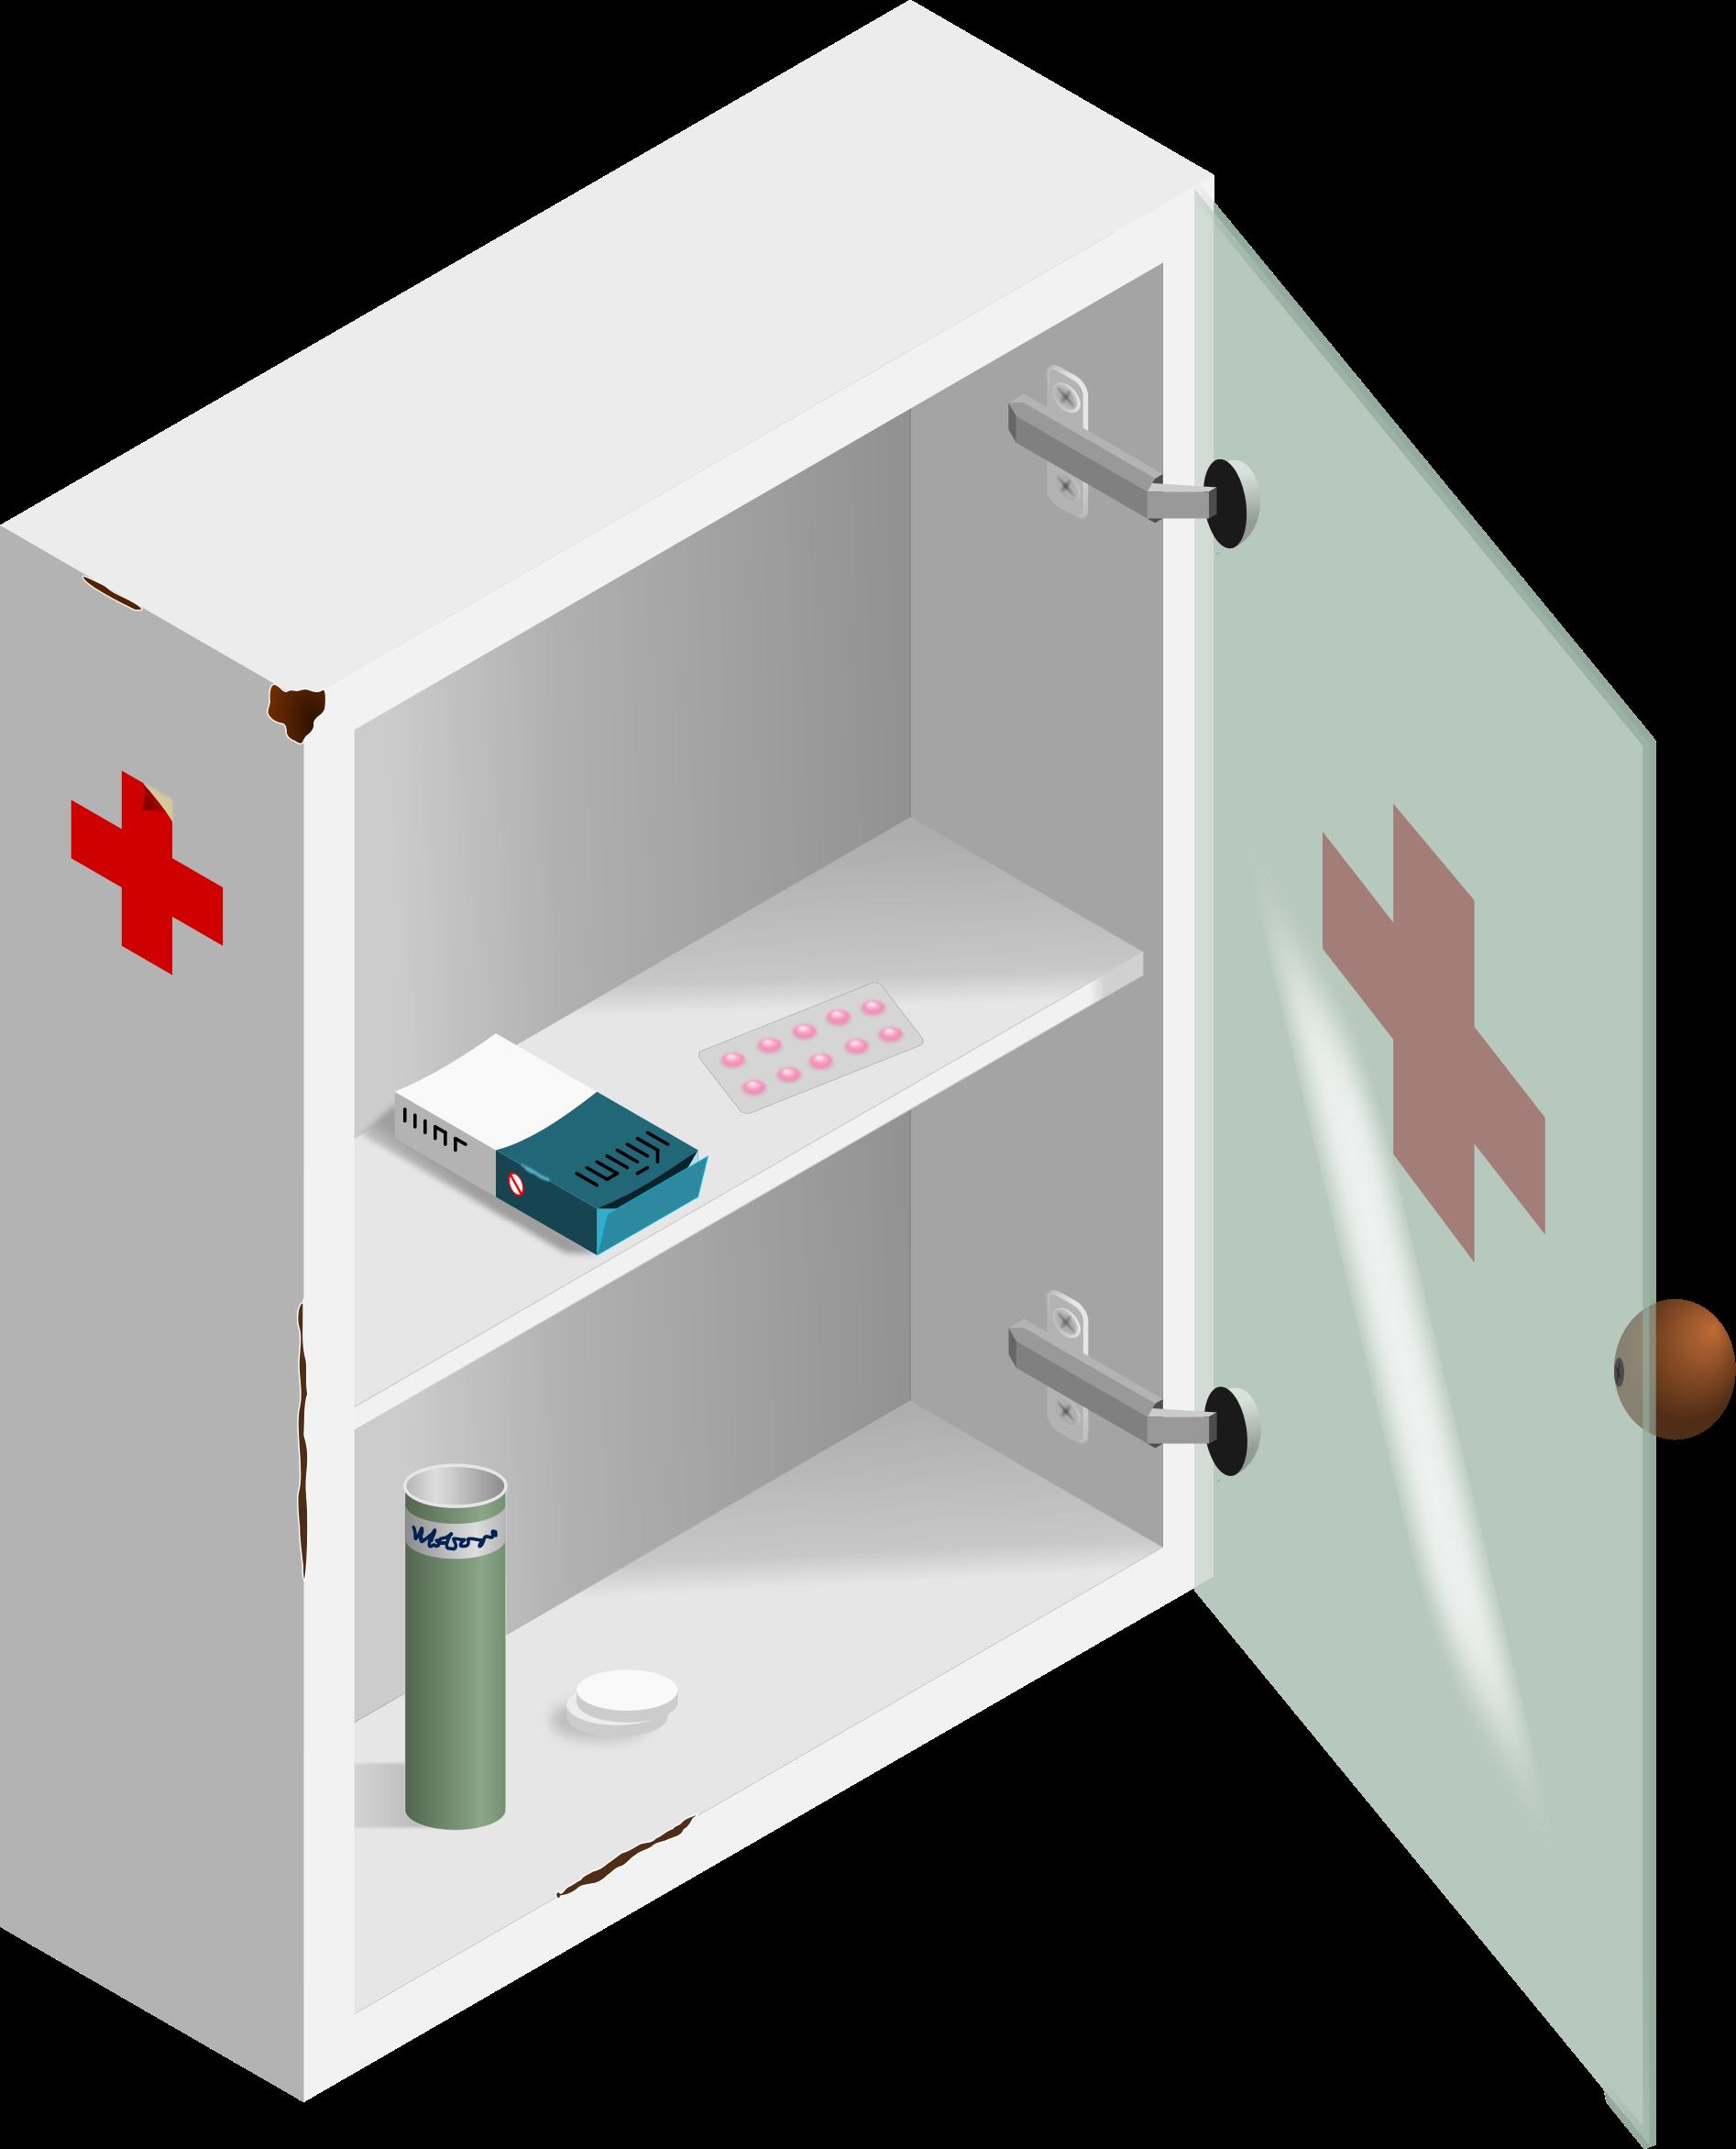 Pill medicine box